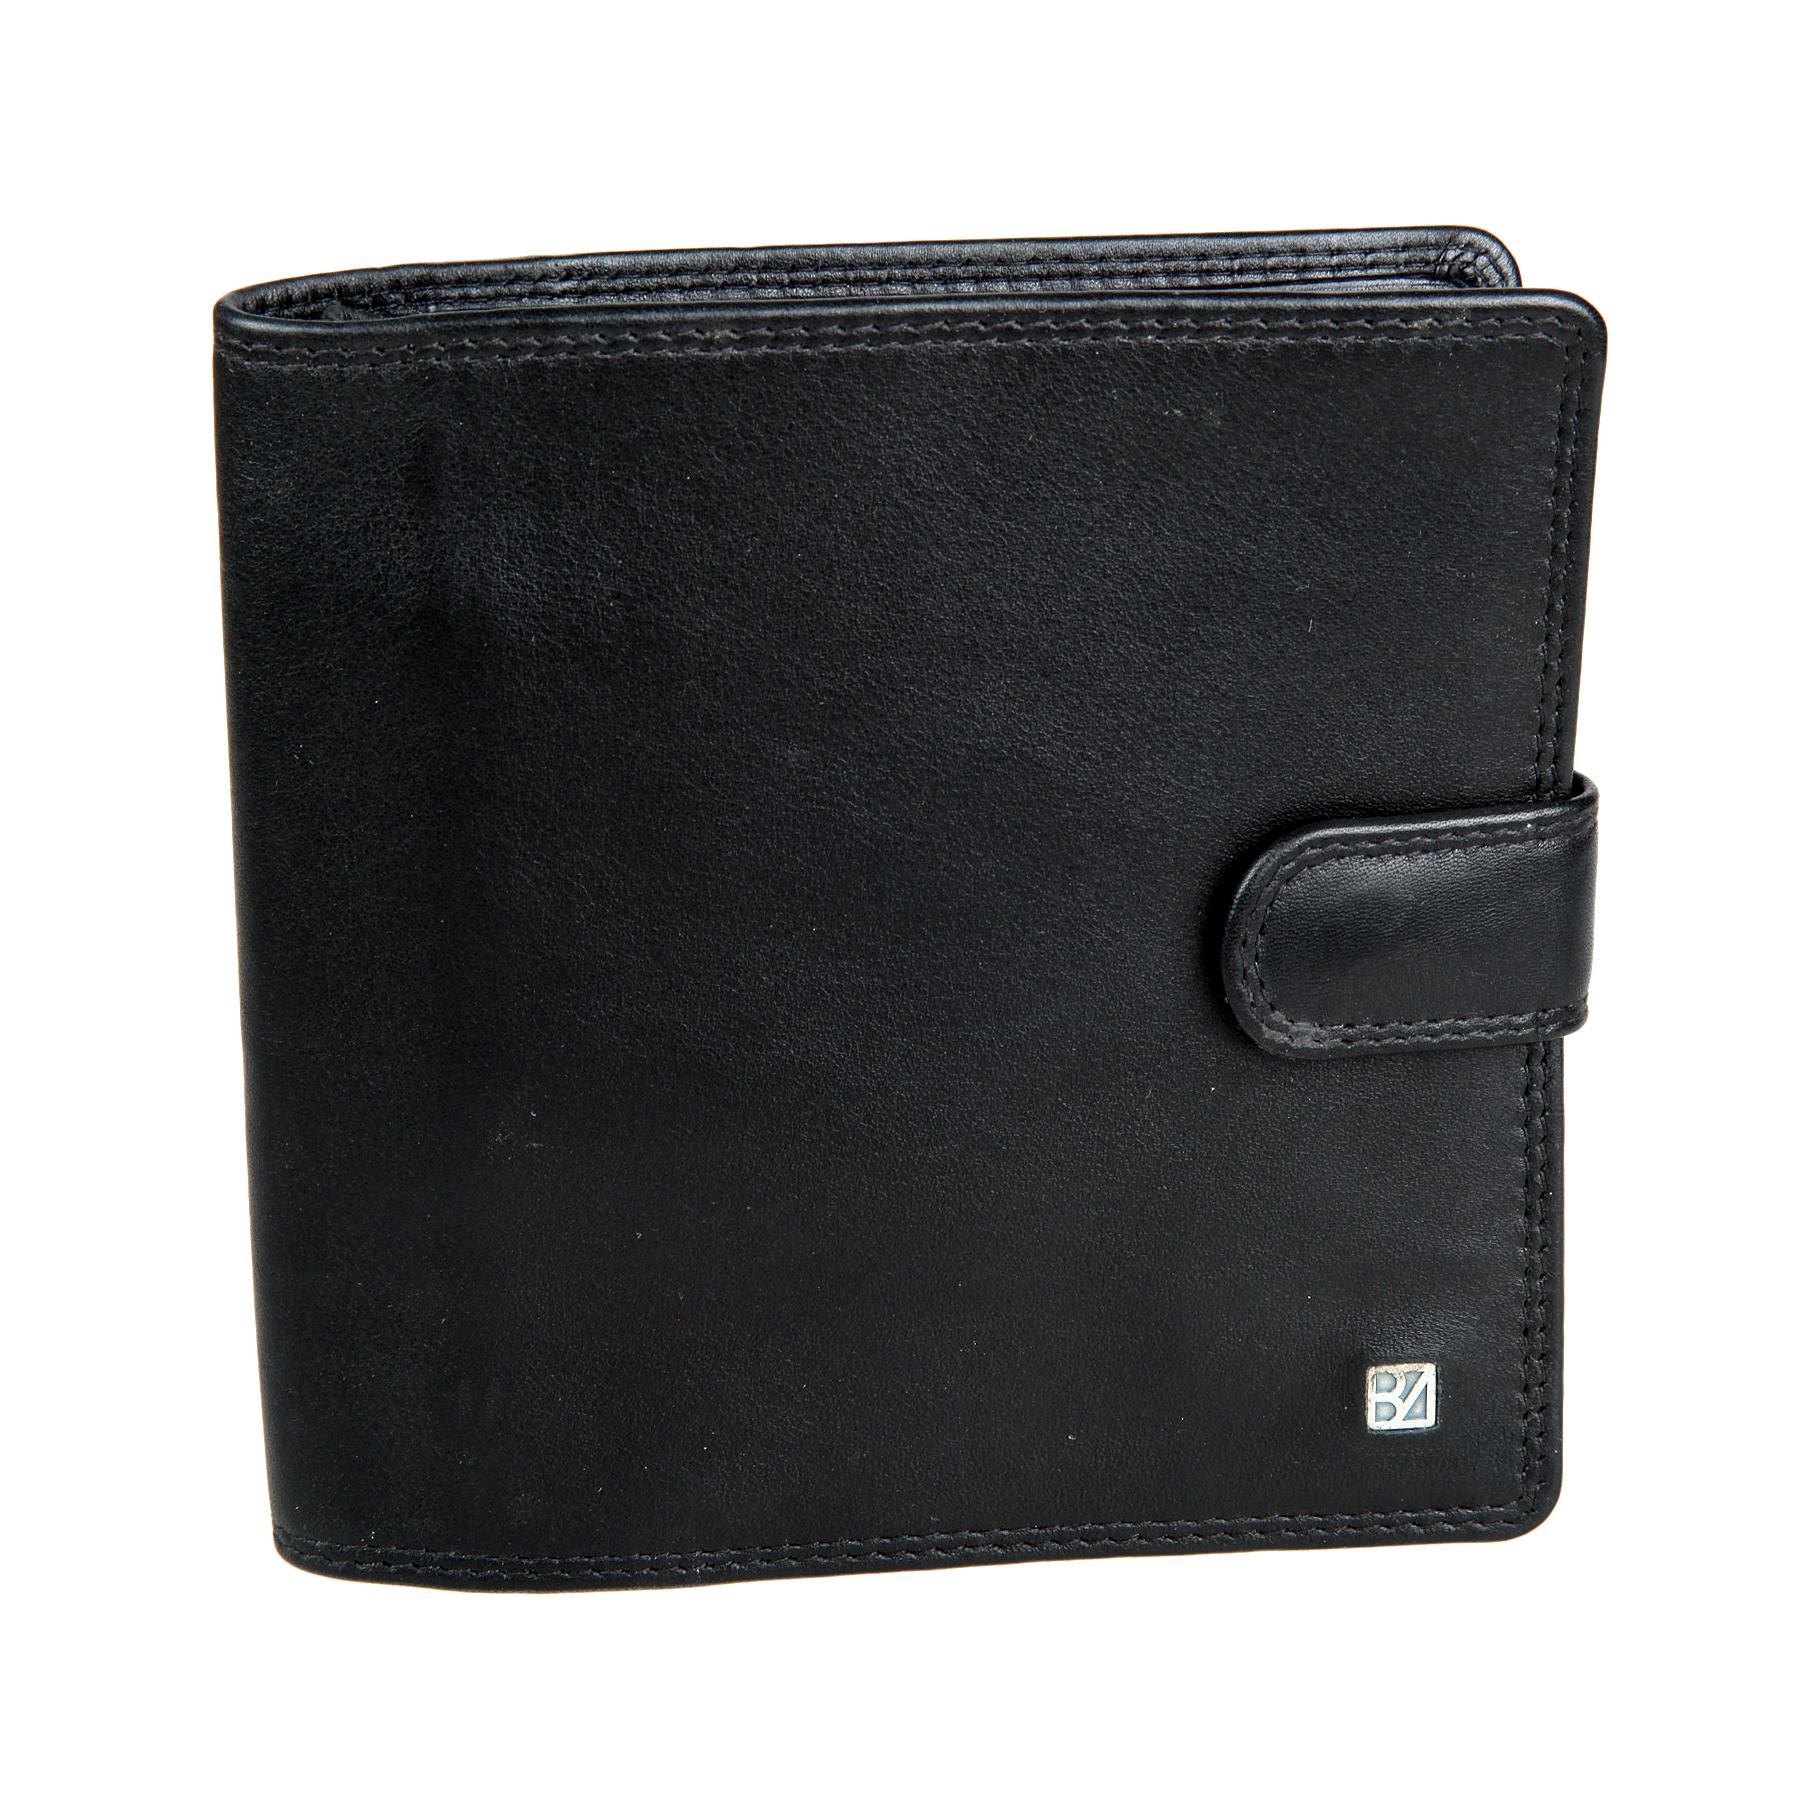 Визитница мужское Bodenschatz, цвет: черный. 8-789 black8-789 blackЗакрывается клапаном на кнопке, внутри блок прозрачных файлов для визитных карточек (вмещает тридцать четыре карточки), два потайных кармана, семь отделений для пластиковых карт, три дополнительных кармана.